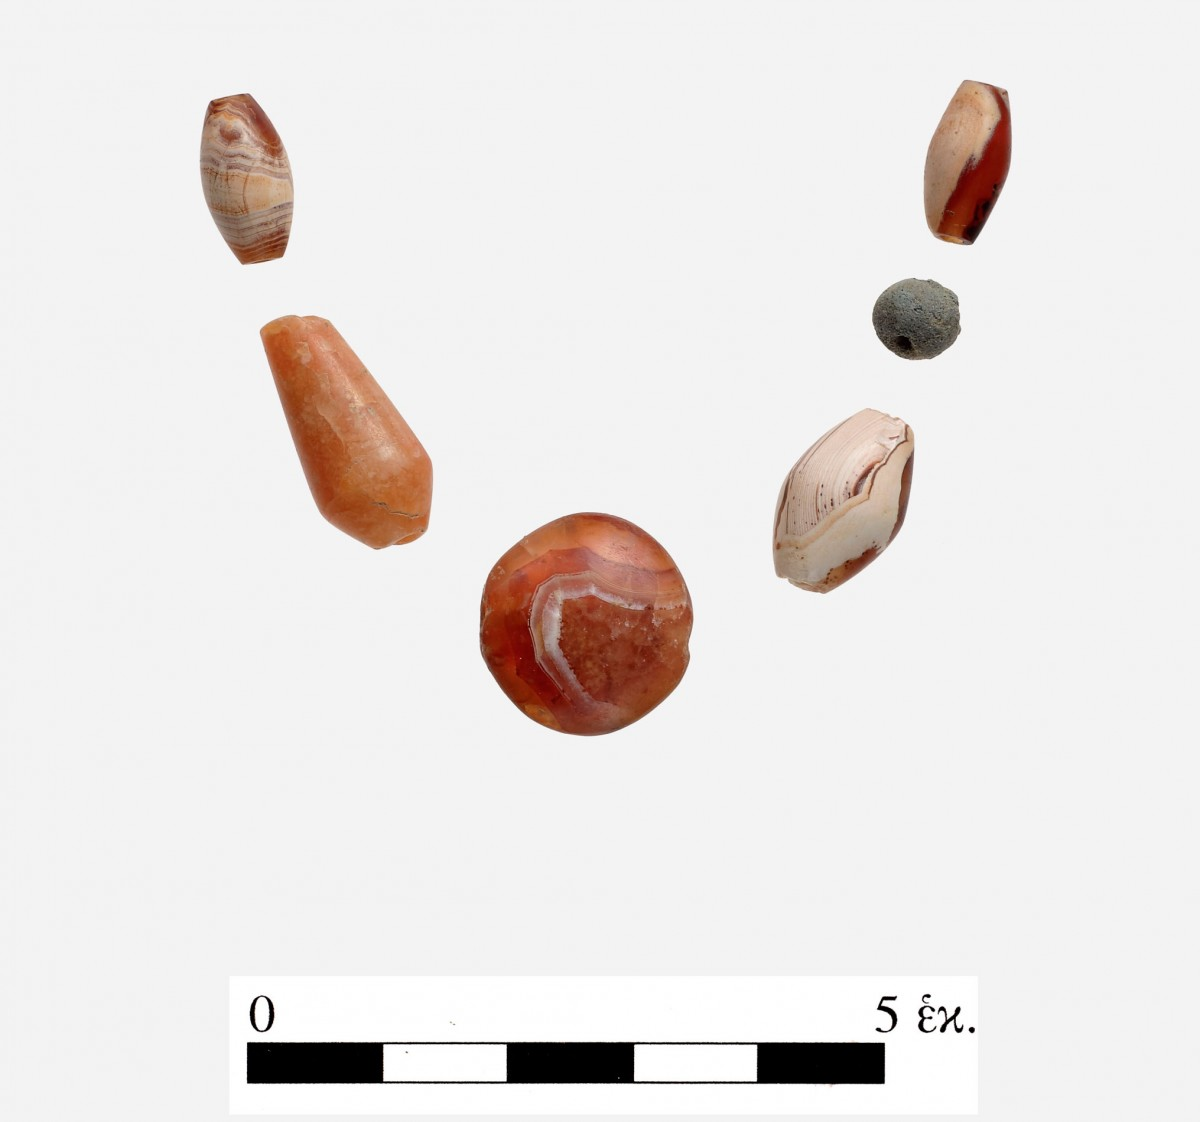 Εικ. 19. Χάντρες από σάρδιο, χλωρίτη και αχάτη που βρέθηκαν στο νοτιότερο τμήμα του Χώρου 19.